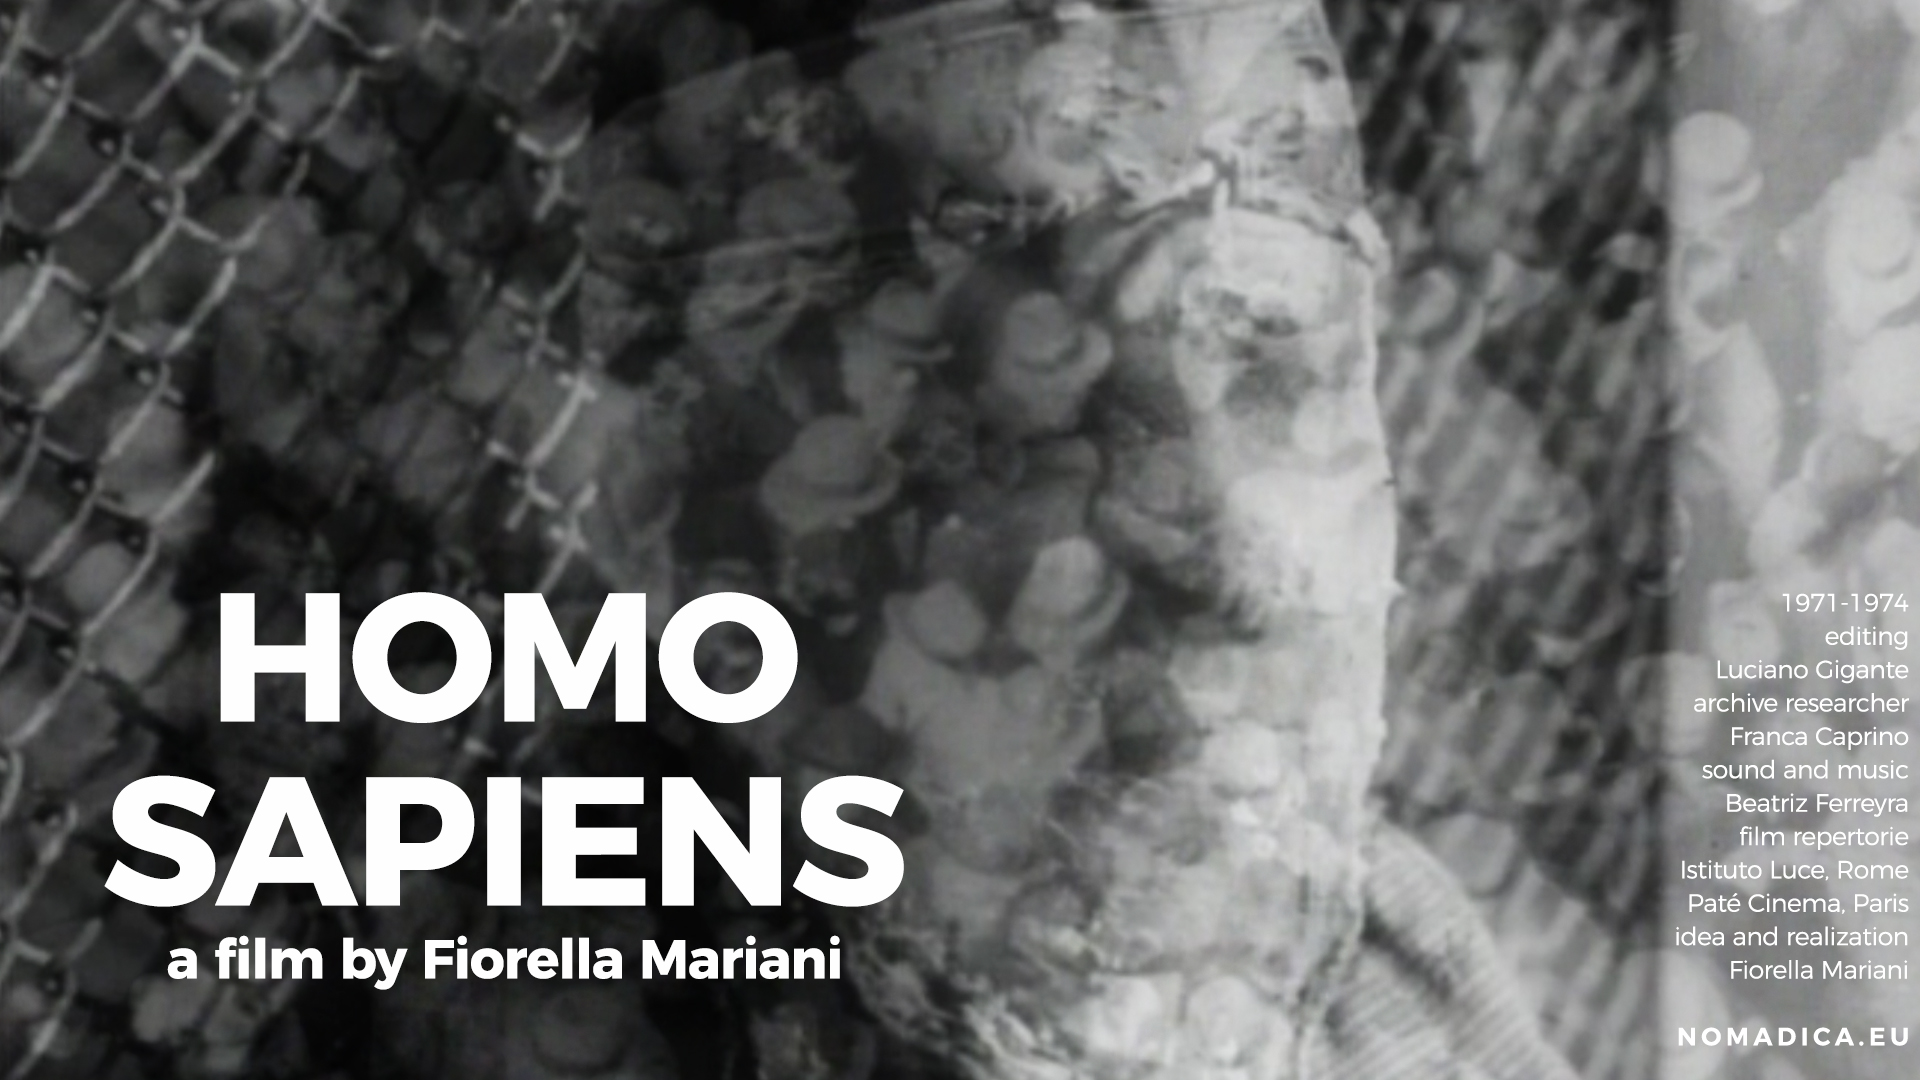 HOMO SAPIENS un film di Fiorella Mariani